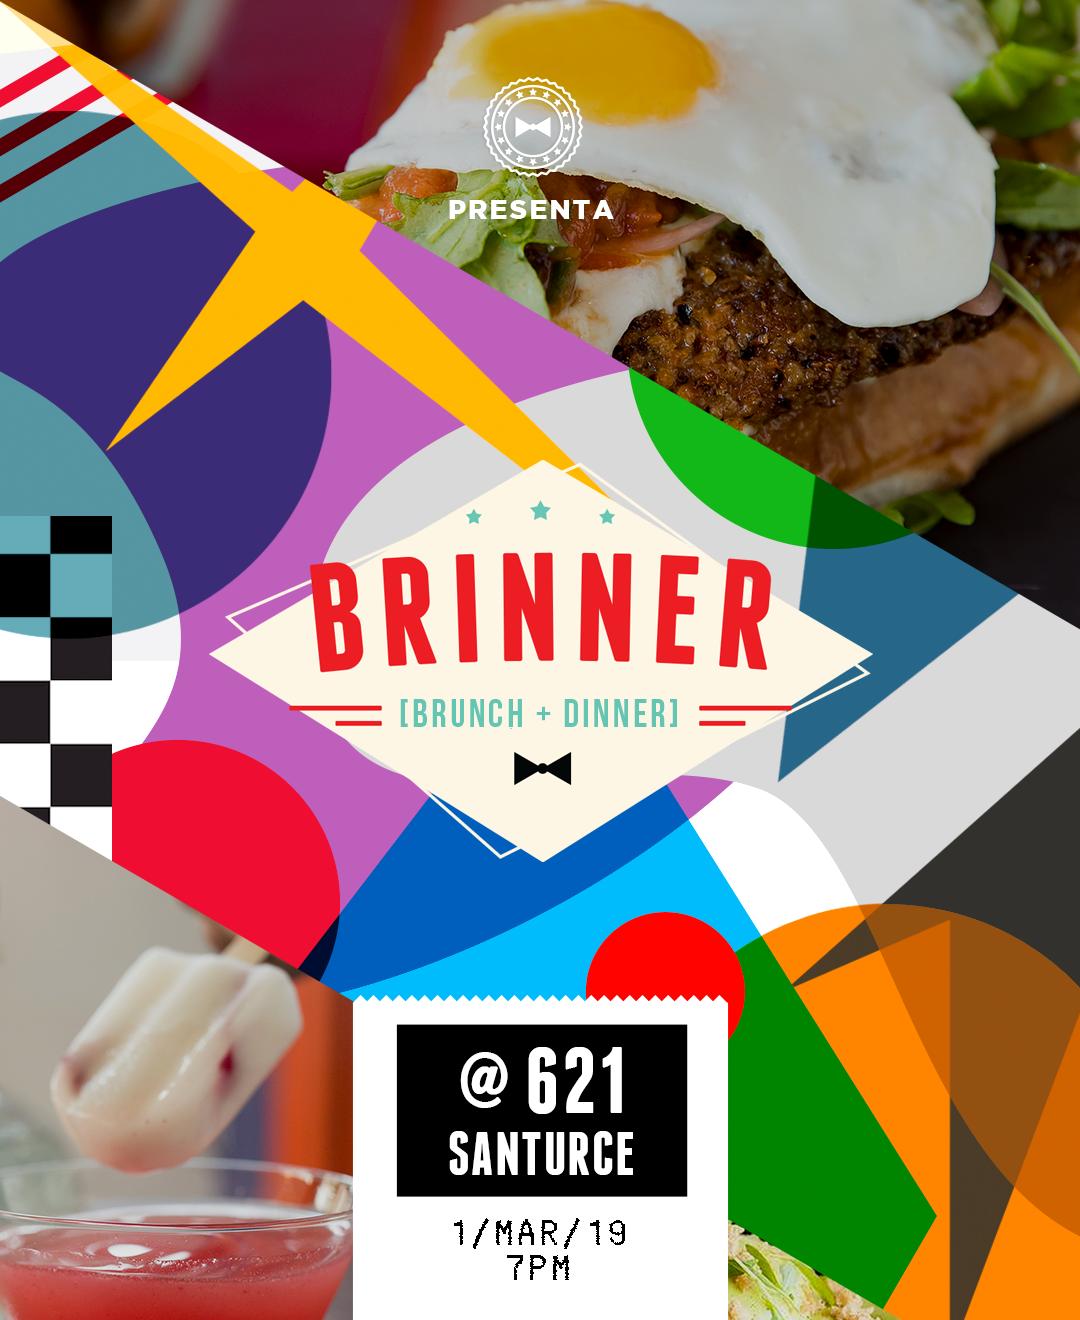 BRINNER es ¡BRUNCH + DINNER! - NUESTRO PRÓXIMO BRINNER SERÁ EN 621 COCINA LIBREEN LA AVENIDA PONCE DE LEÓN, SANTURCE A PARTIR DE LAS 7PM.PARA MÁS INFORMACIÓN Y RESERVA OPRIME -> AQUÍ